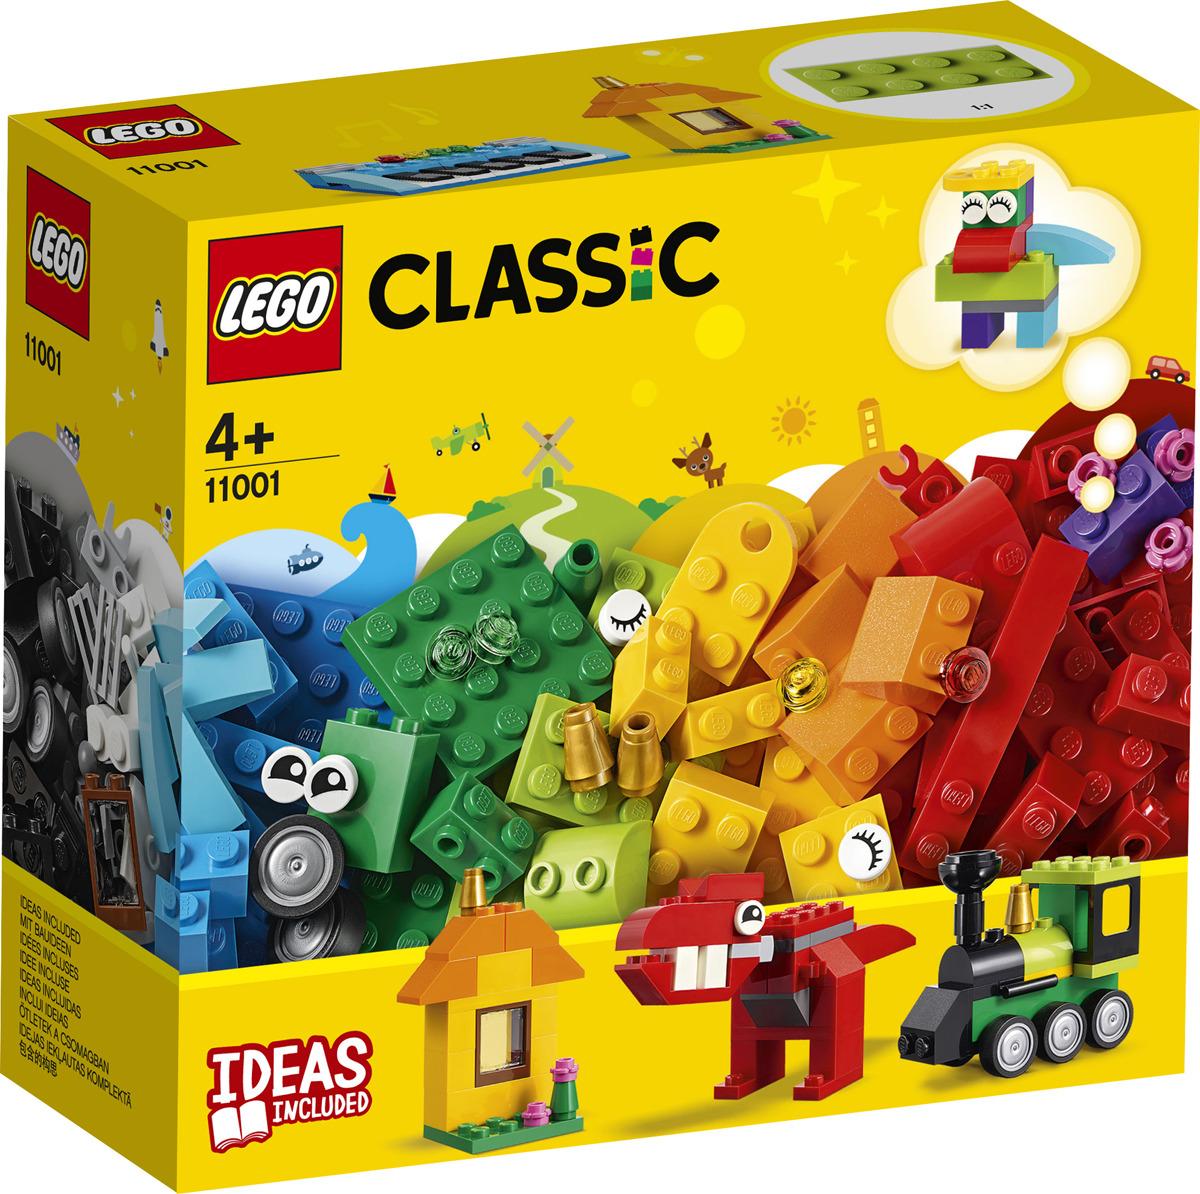 LEGO Classic 11001 Модели из кубиков Конструктор конструктор lego 11001 модели из кубиков